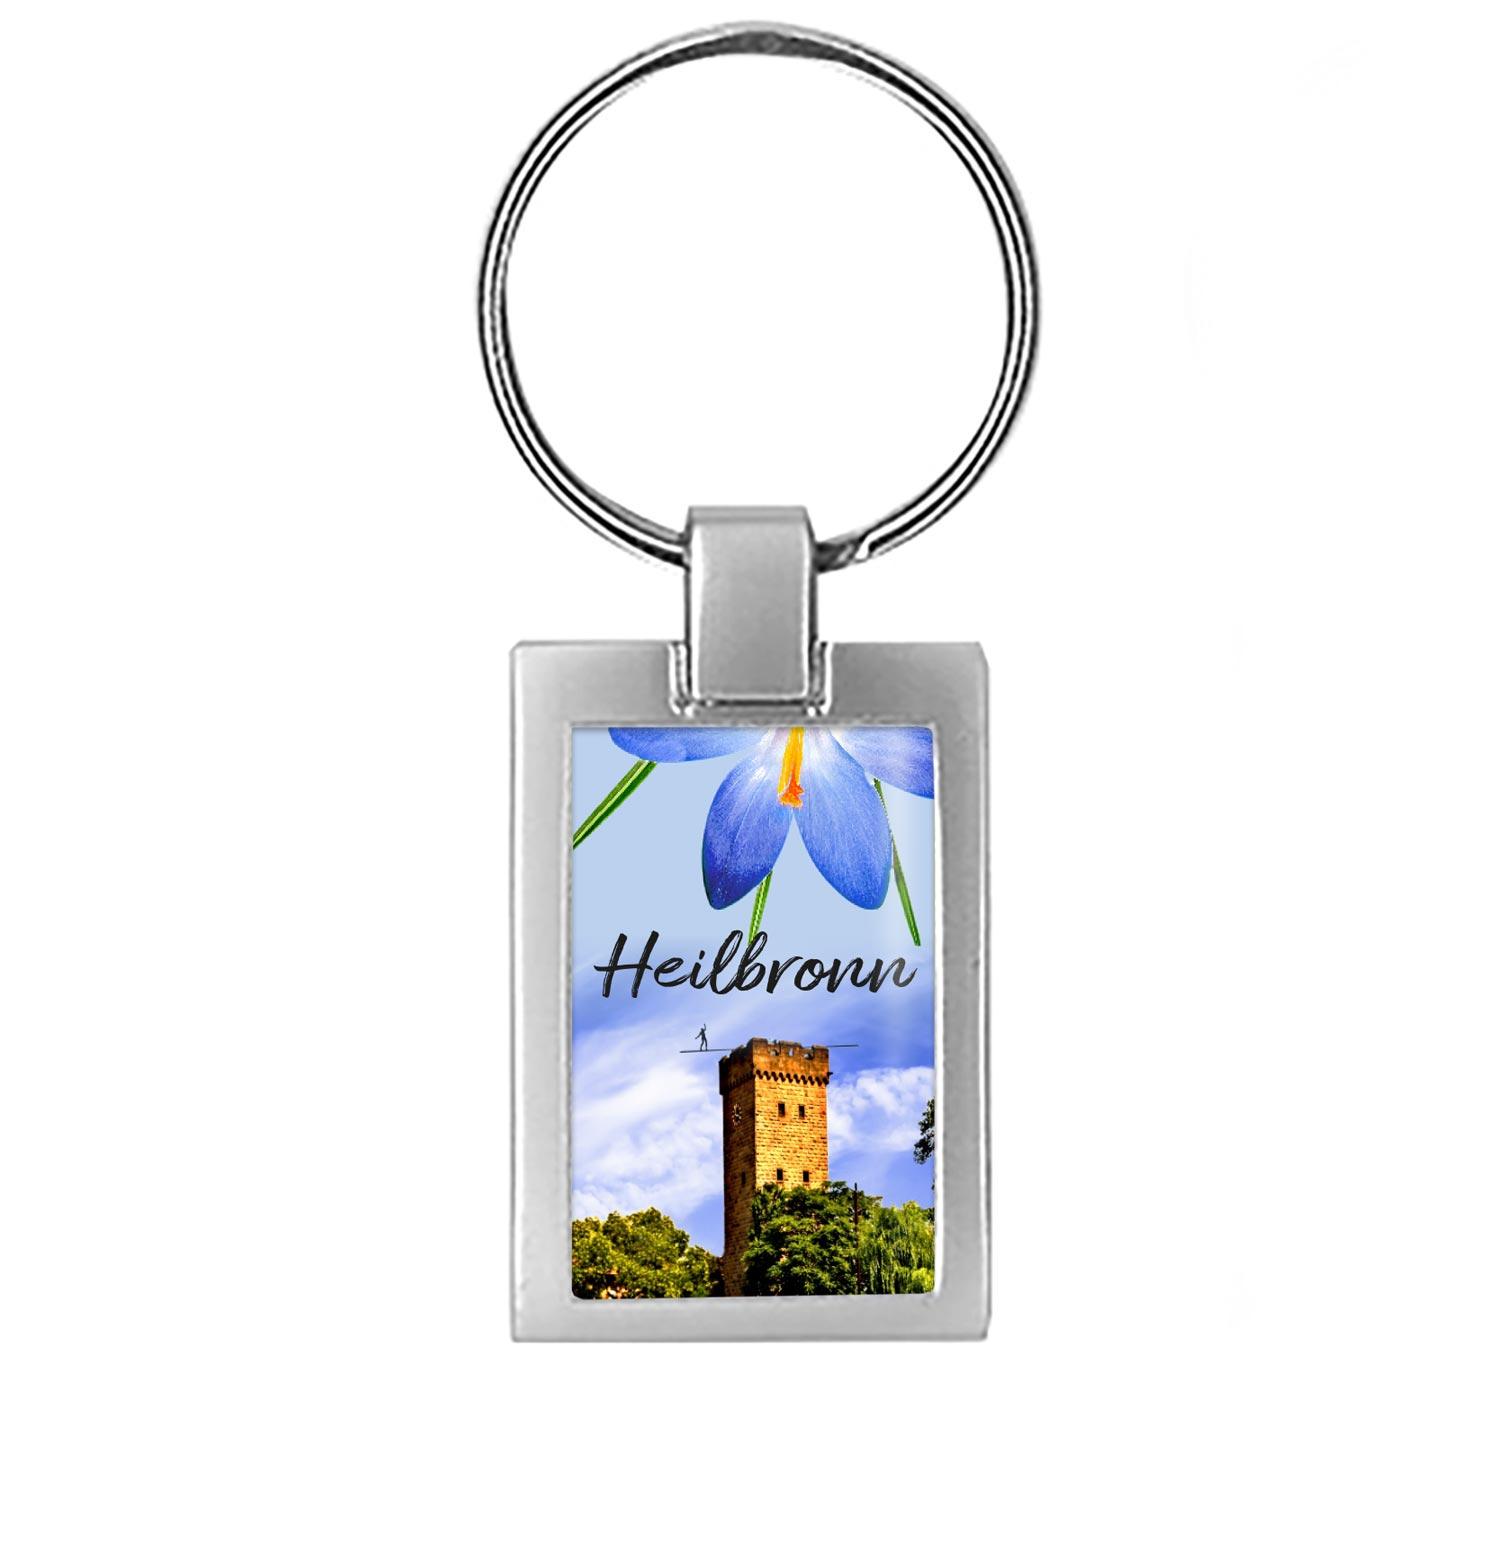 Schlüsselanhänger Heilbronn mit dem Götzenturm.